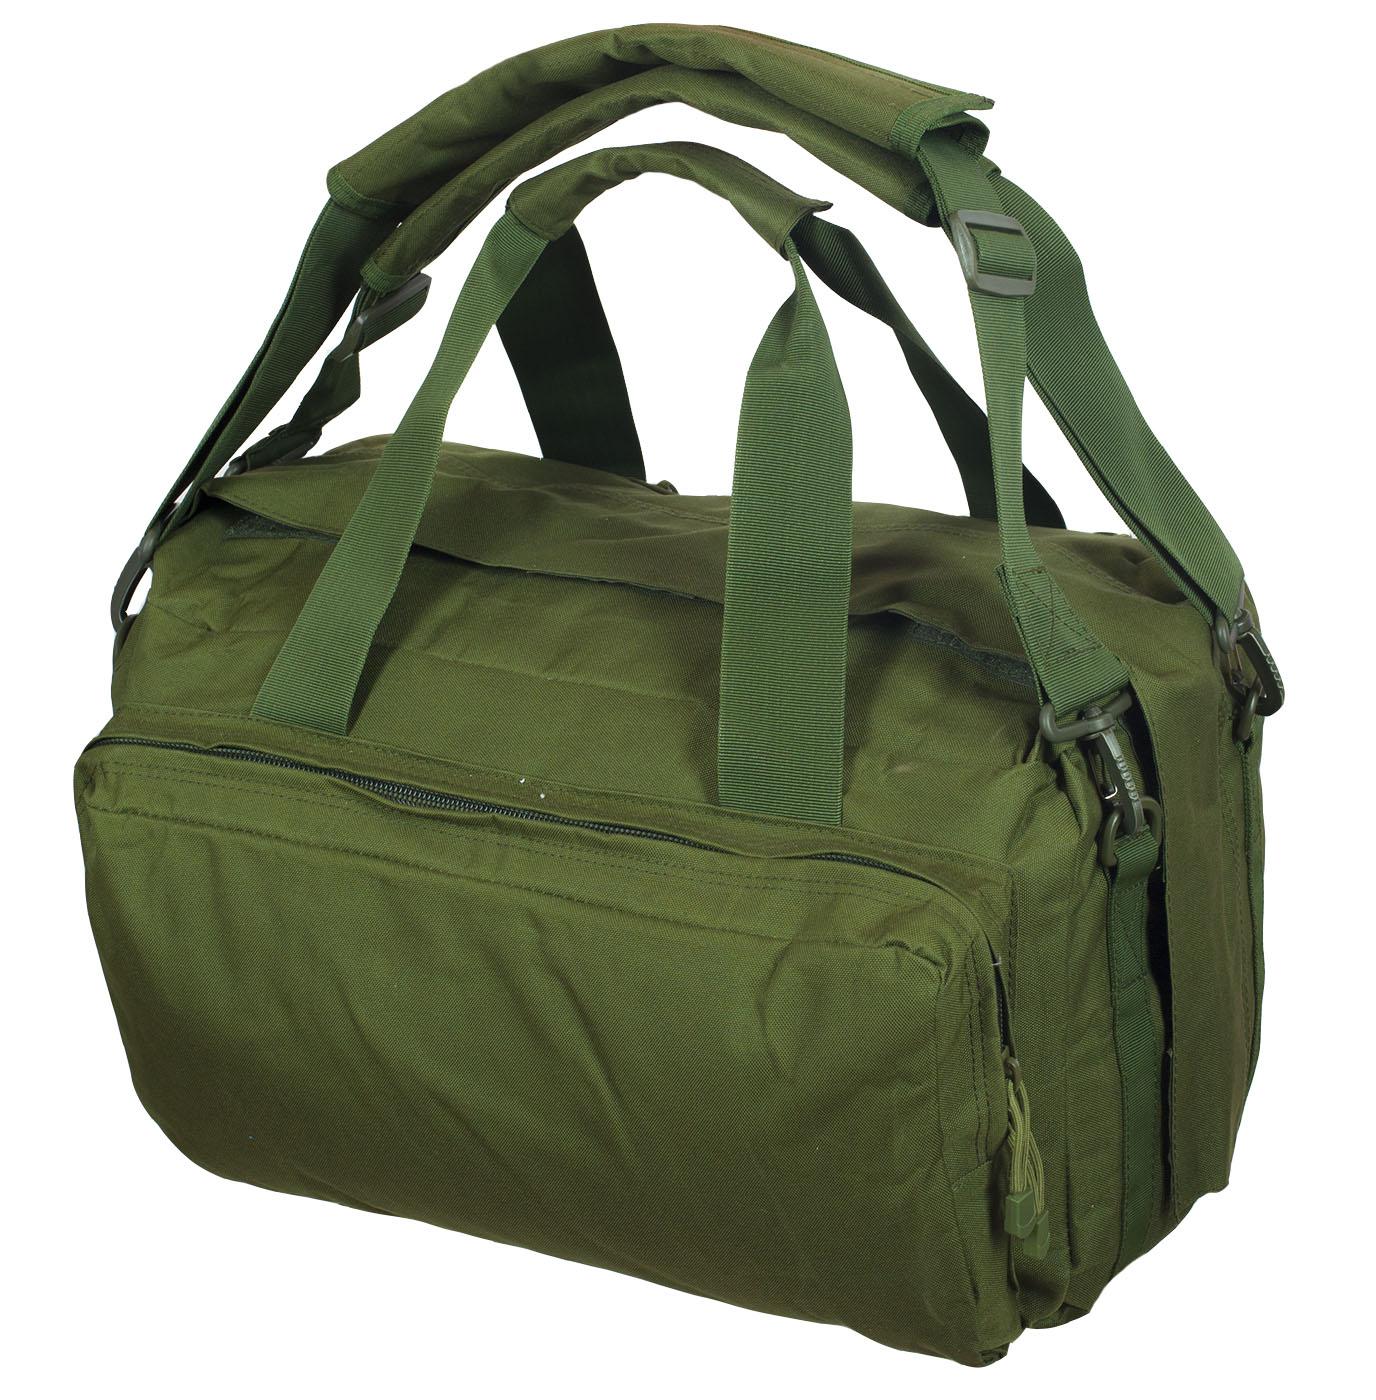 Полевая сумка-рюкзак в цвете хаки с эмблемой РХБЗ купить онлайн